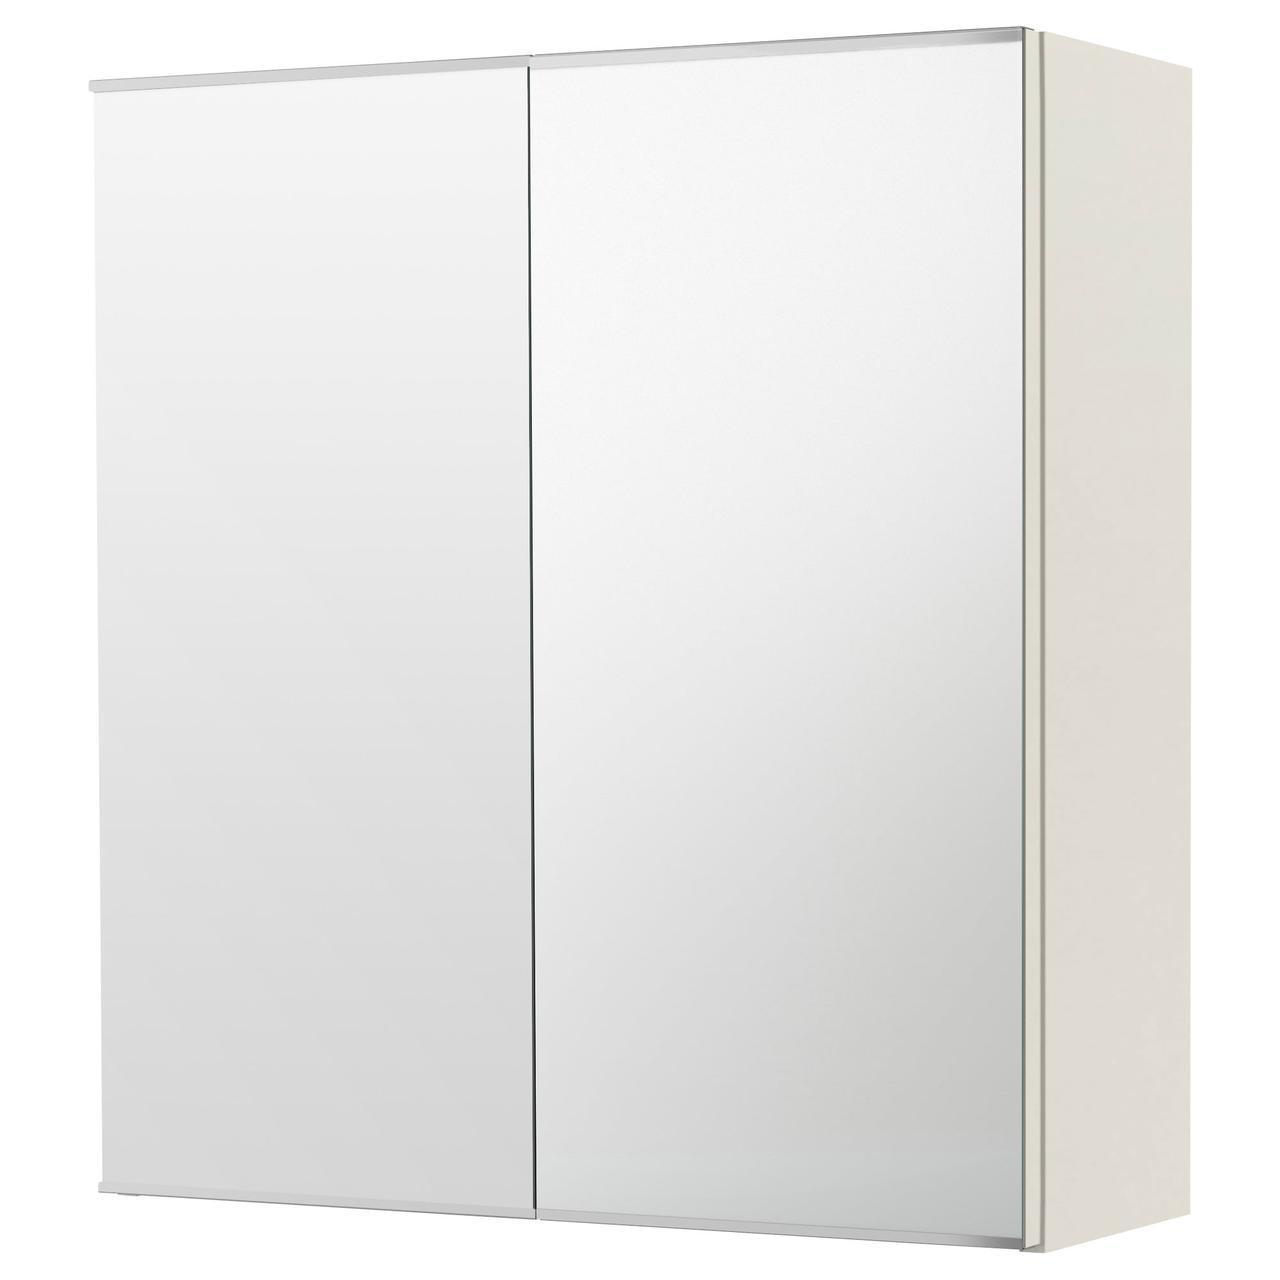 ✅ IKEA LILLANGEN (202.051.71) Зеркальный шкаф и пара дверей, коричнево-черный